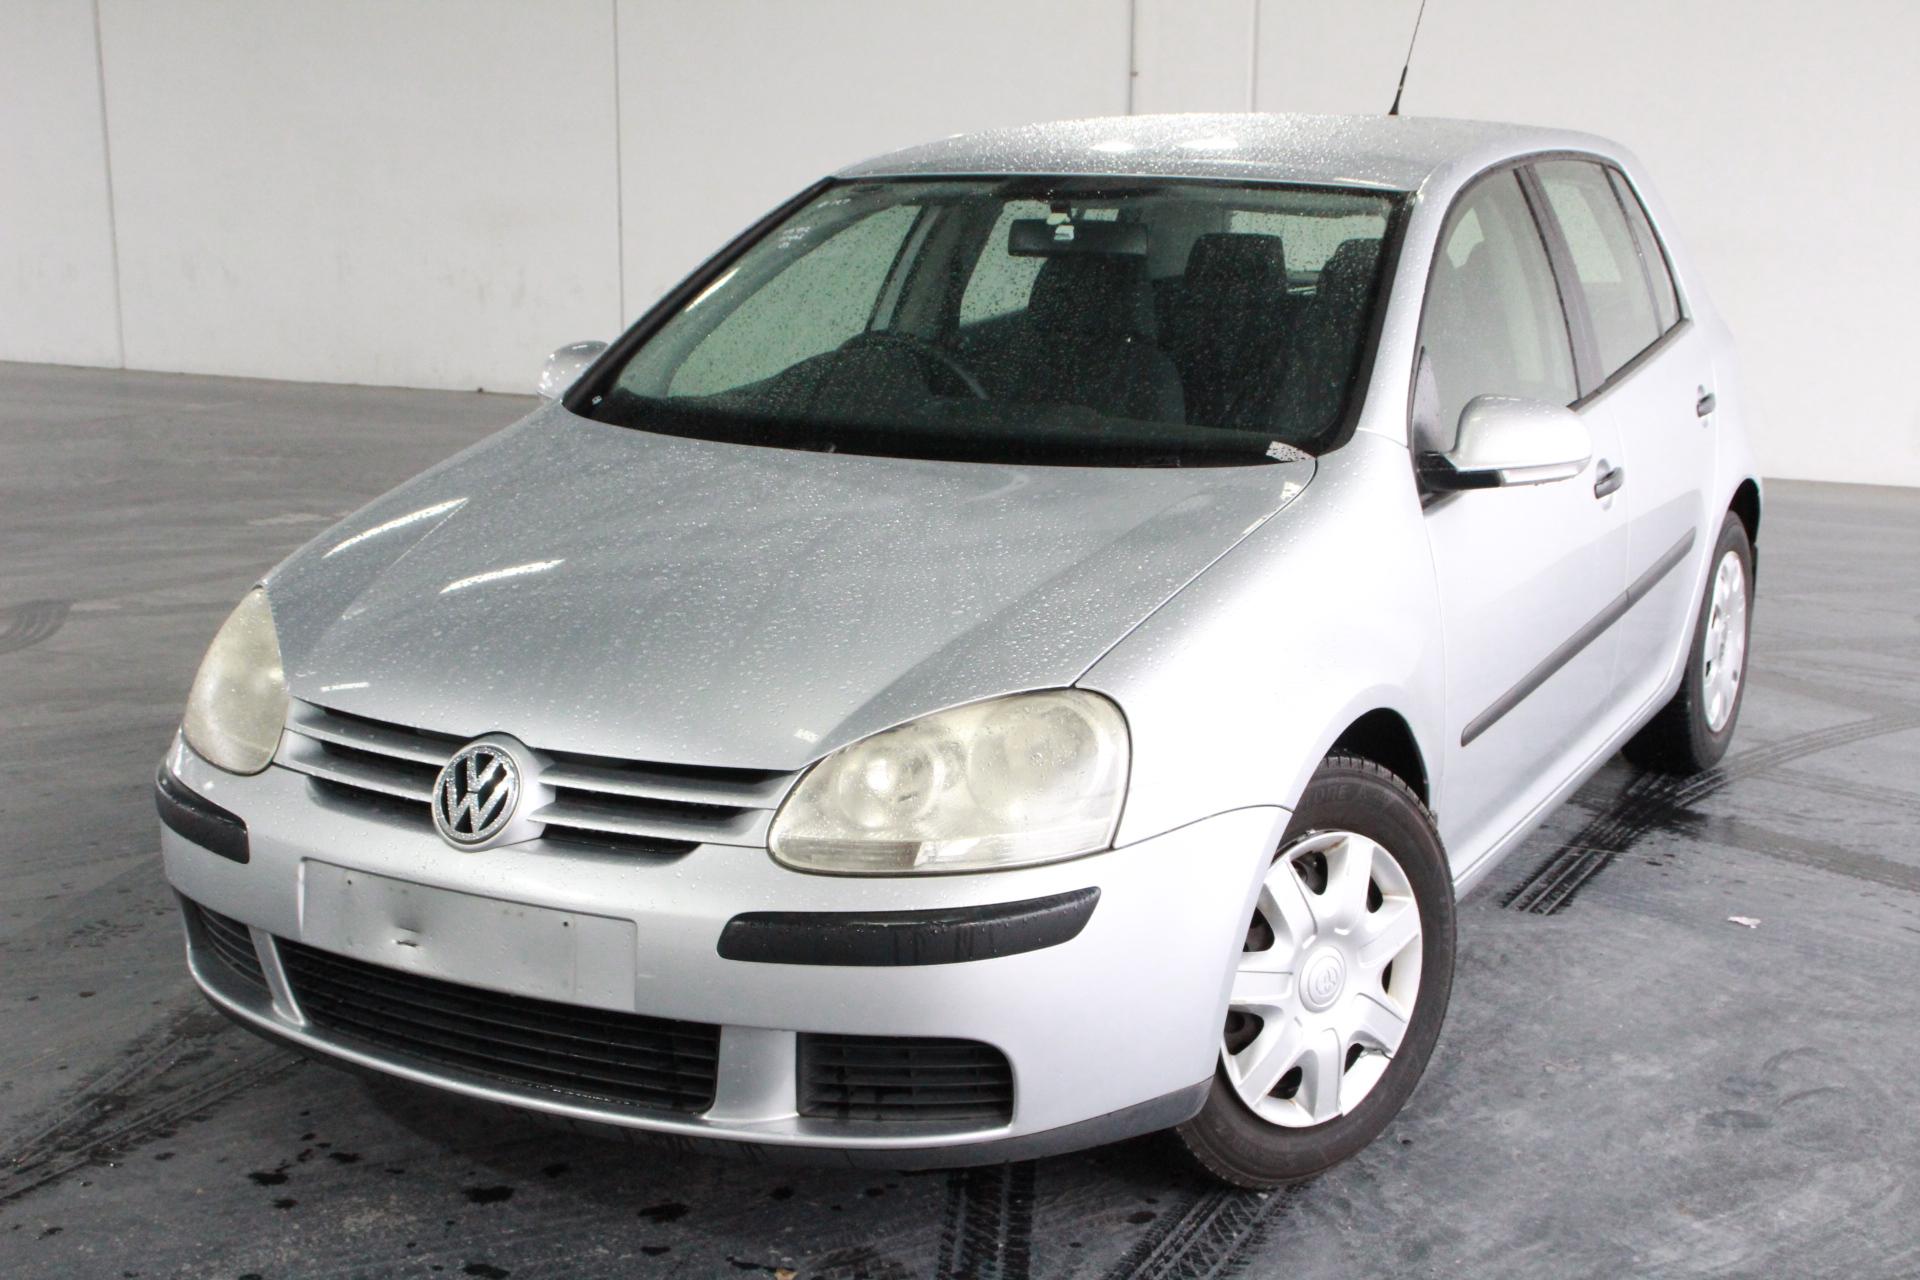 2006 Volkswagen Golf 1.6 Trendline 1k Automatic Hatchback